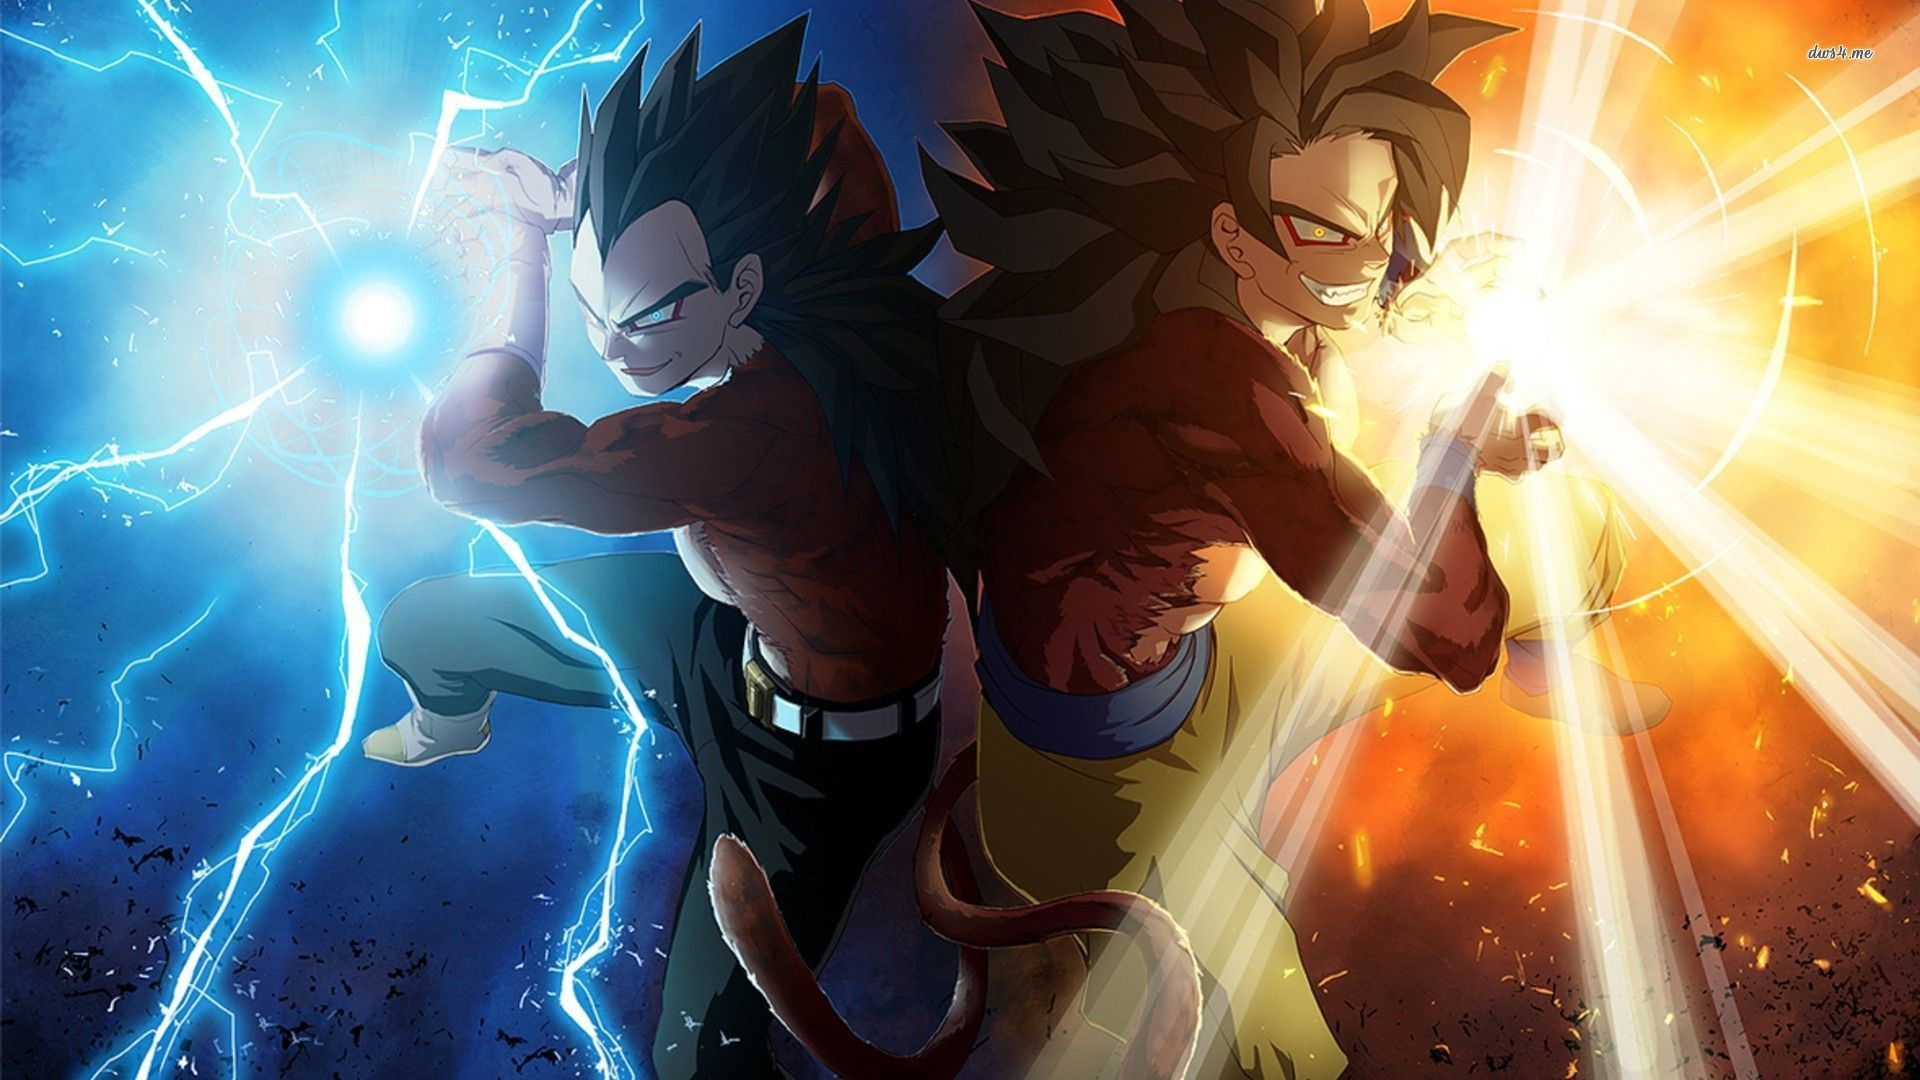 Dragon Ball GT wallpaper 1280×800 Vegeta and Son Goku – Dragon Ball .